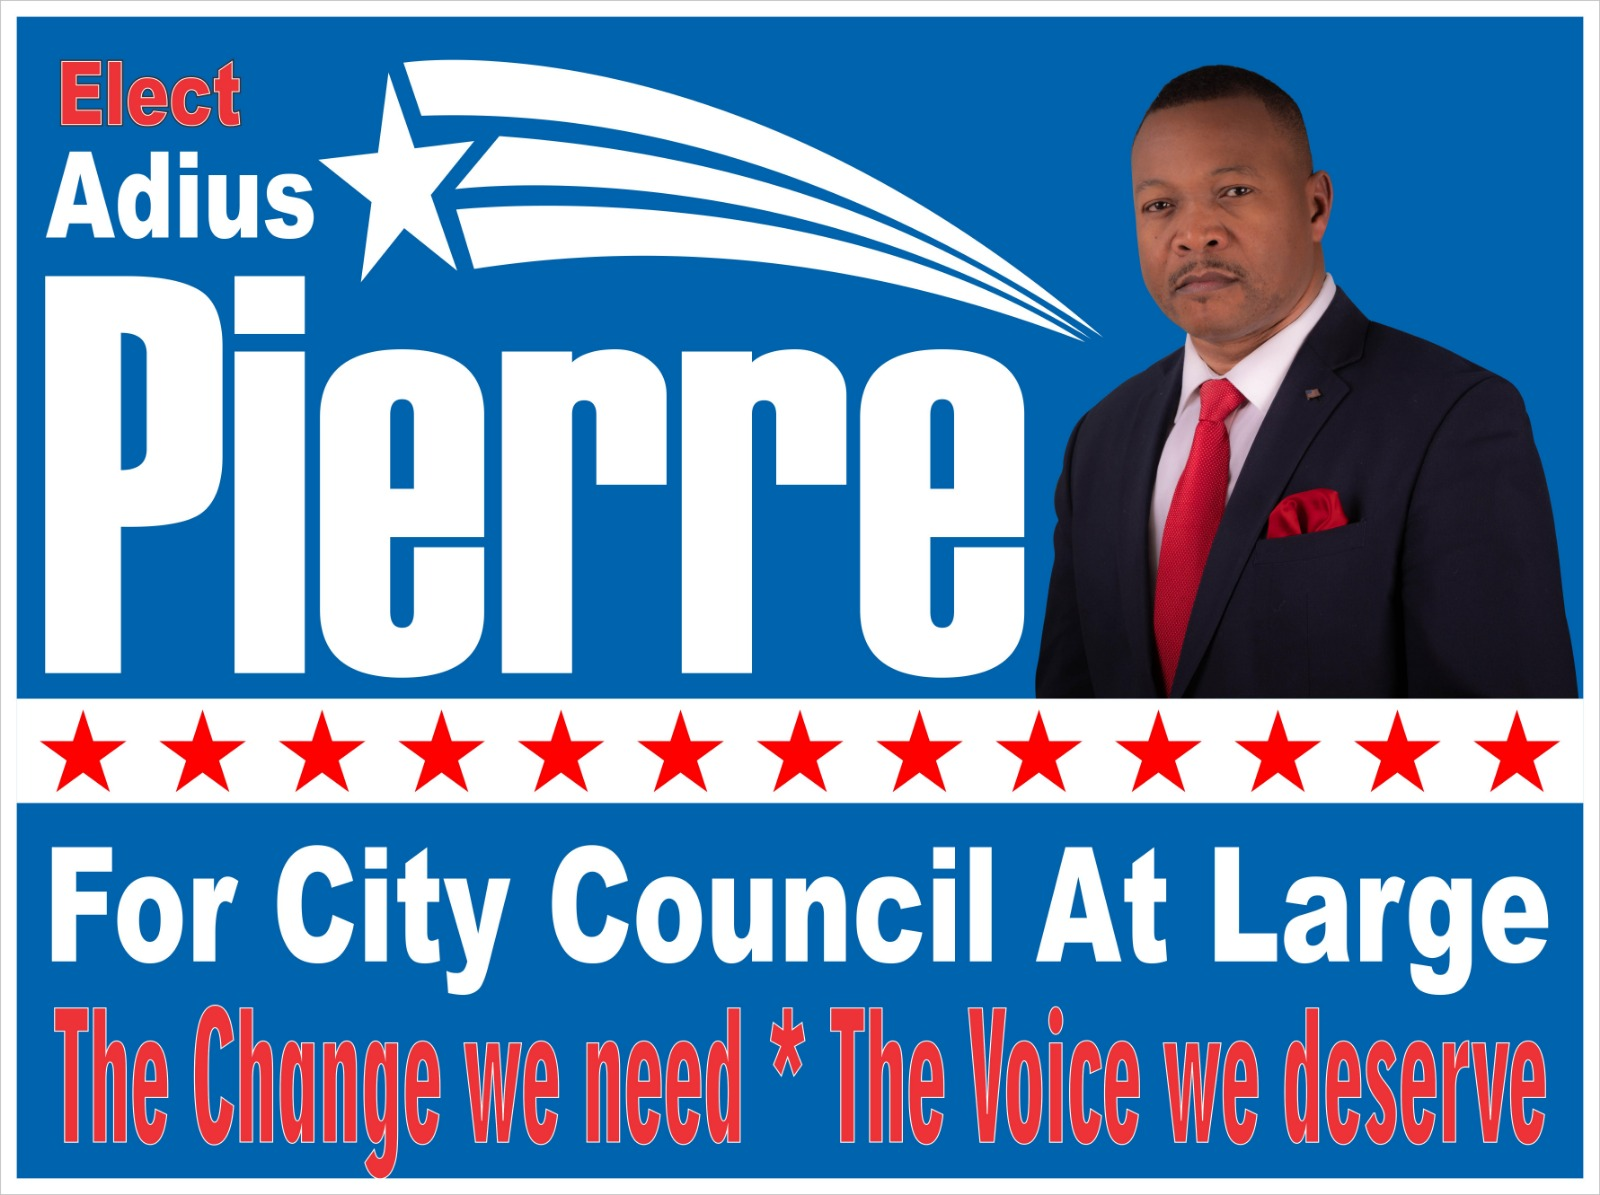 Adius Pierre